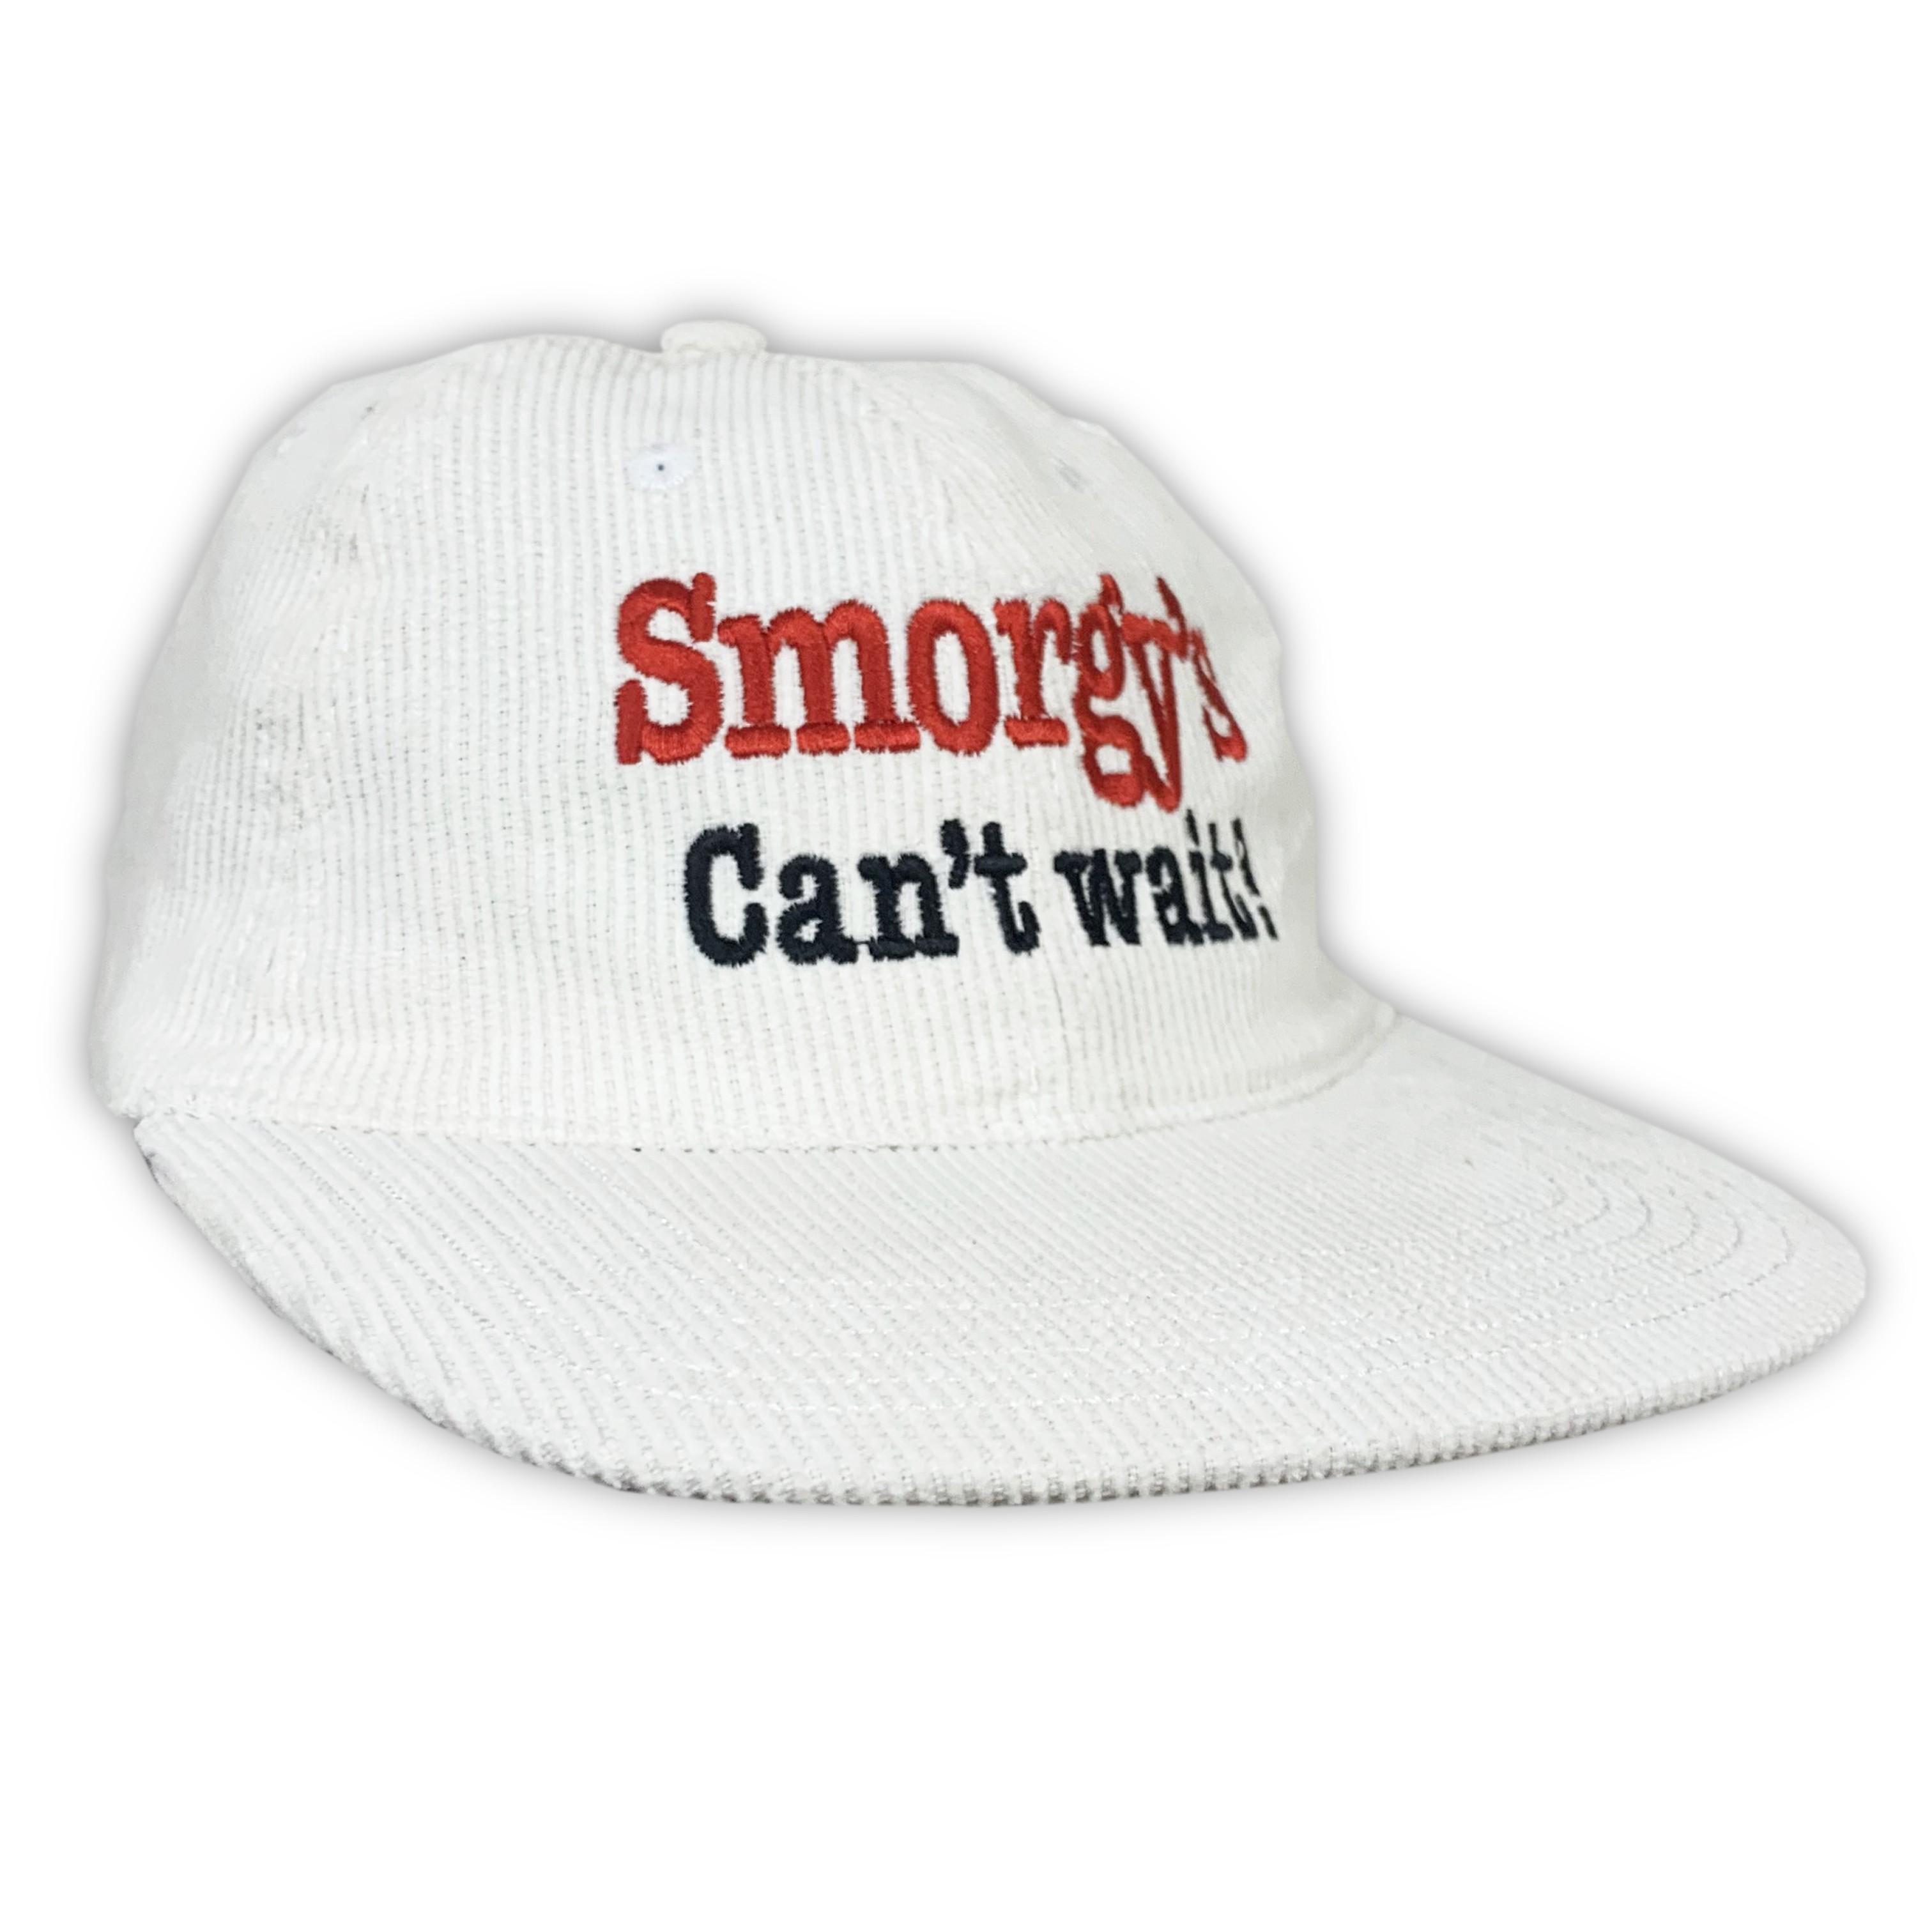 SMORGYS VINTAGE WHITE CORD HAT